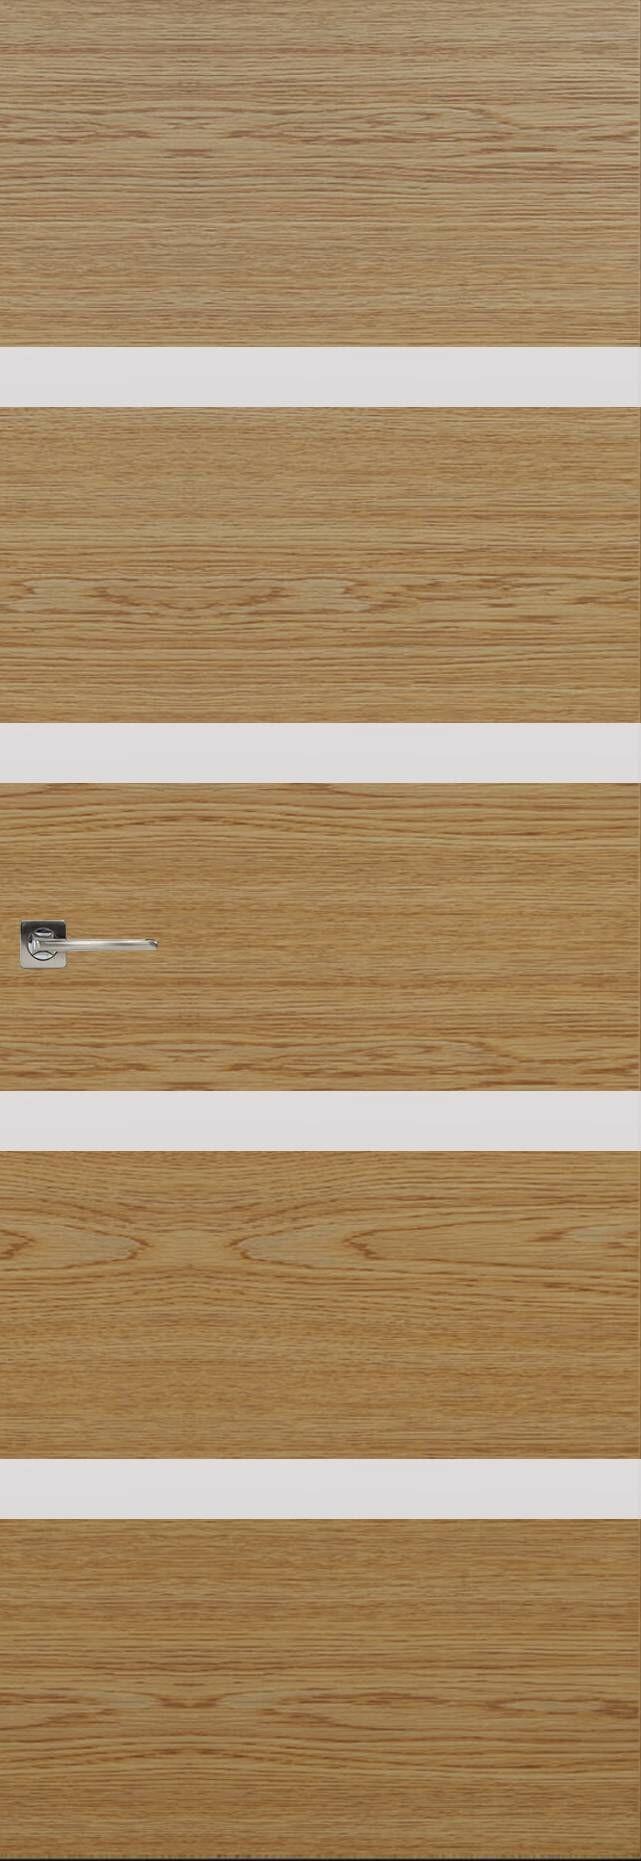 Tivoli Д-4 Invisible цвет - Дуб карамель Без стекла (ДГ)